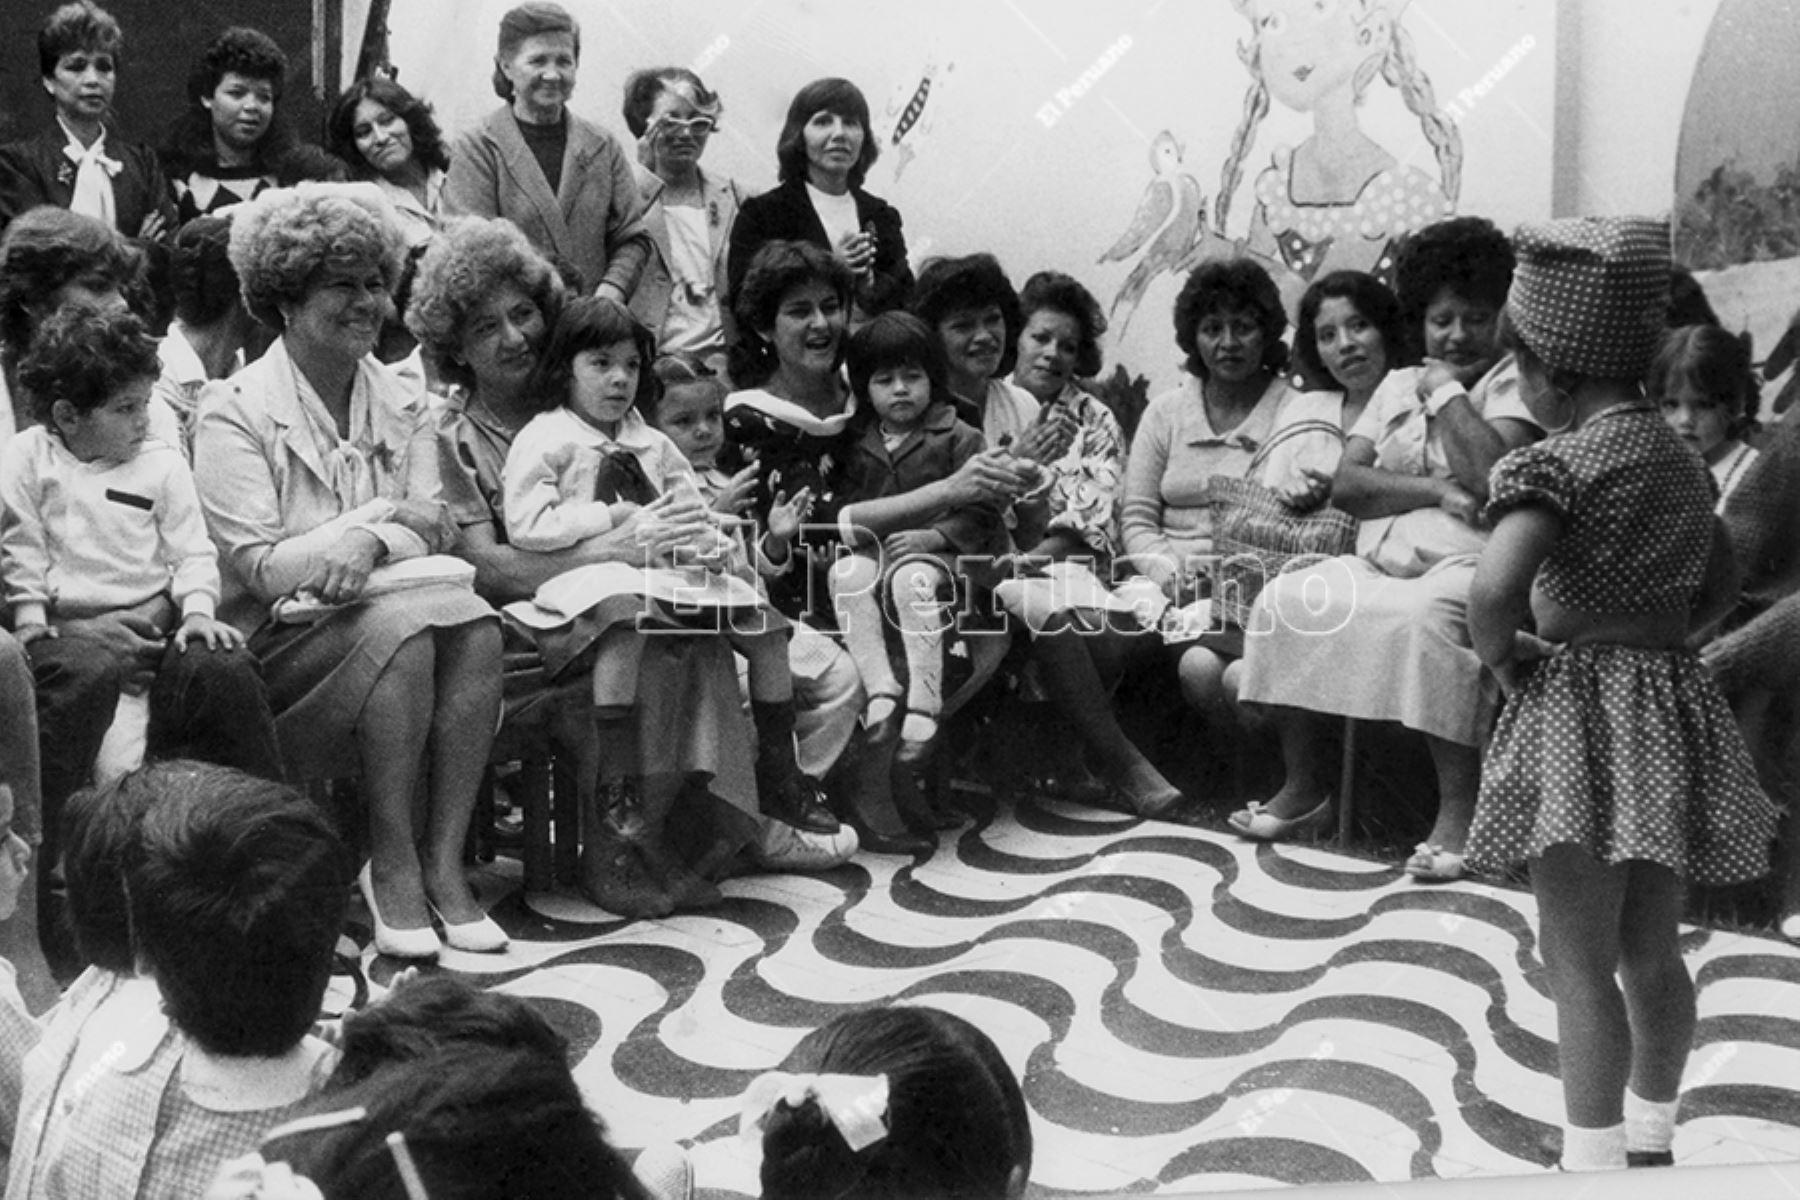 Lima - 8 de mayo 1986 / Celebración del Día de la Madre en un centro  de educación inicial. Foto: Archivo Histórico de El Peruano / Manuel Cahua